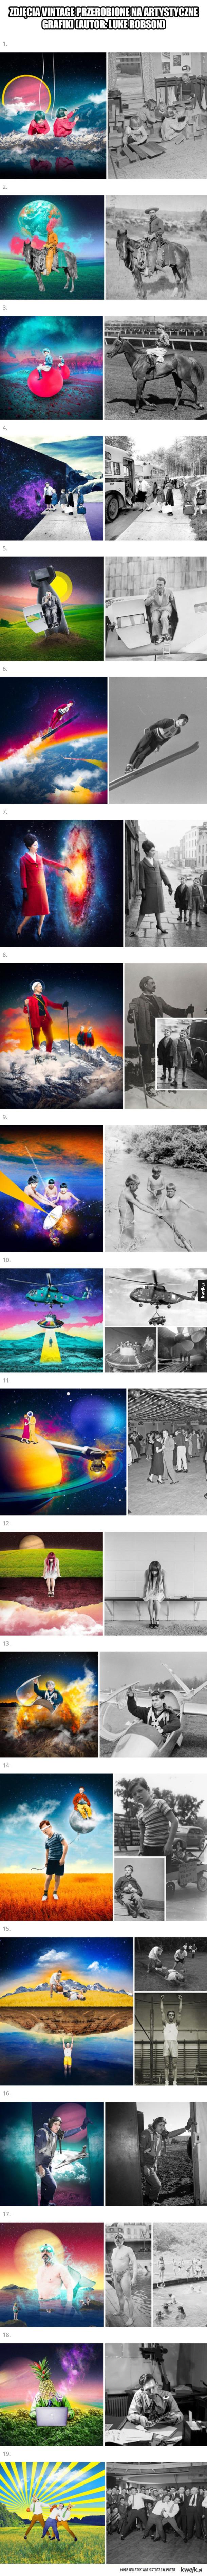 Zdjęcia przerobione na artystyczne grafiki